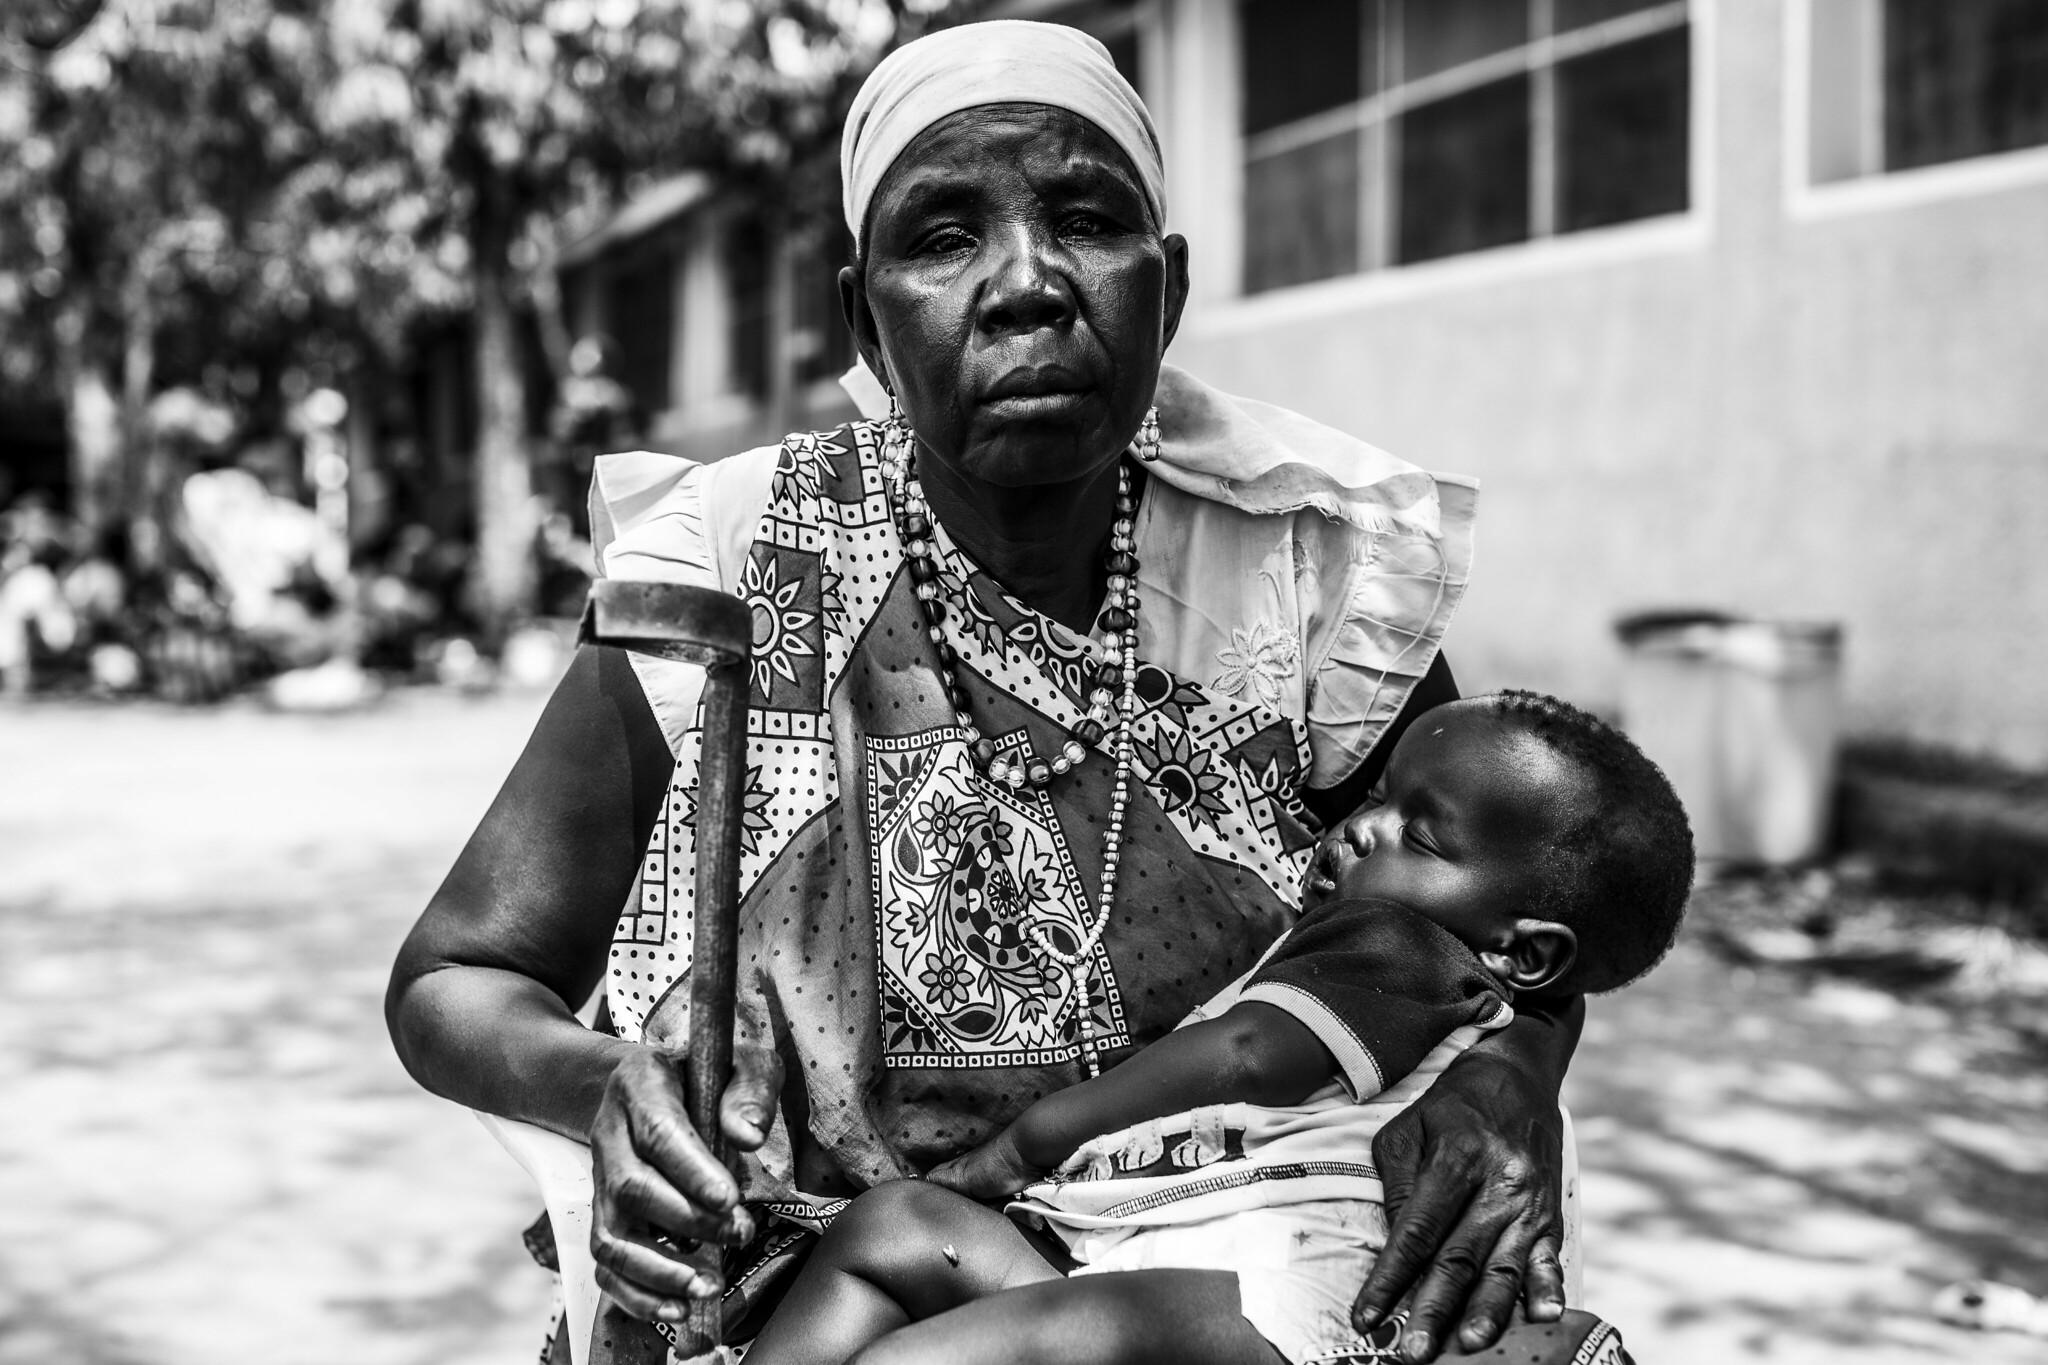 Die am meisten betroffenen: Eine Frau aus dem Südsudan mit ihrem Enkelkind im Arm. In dem Unabhängigkeitskrieg des Landes verlor sie unter anderem zwei Söhne.